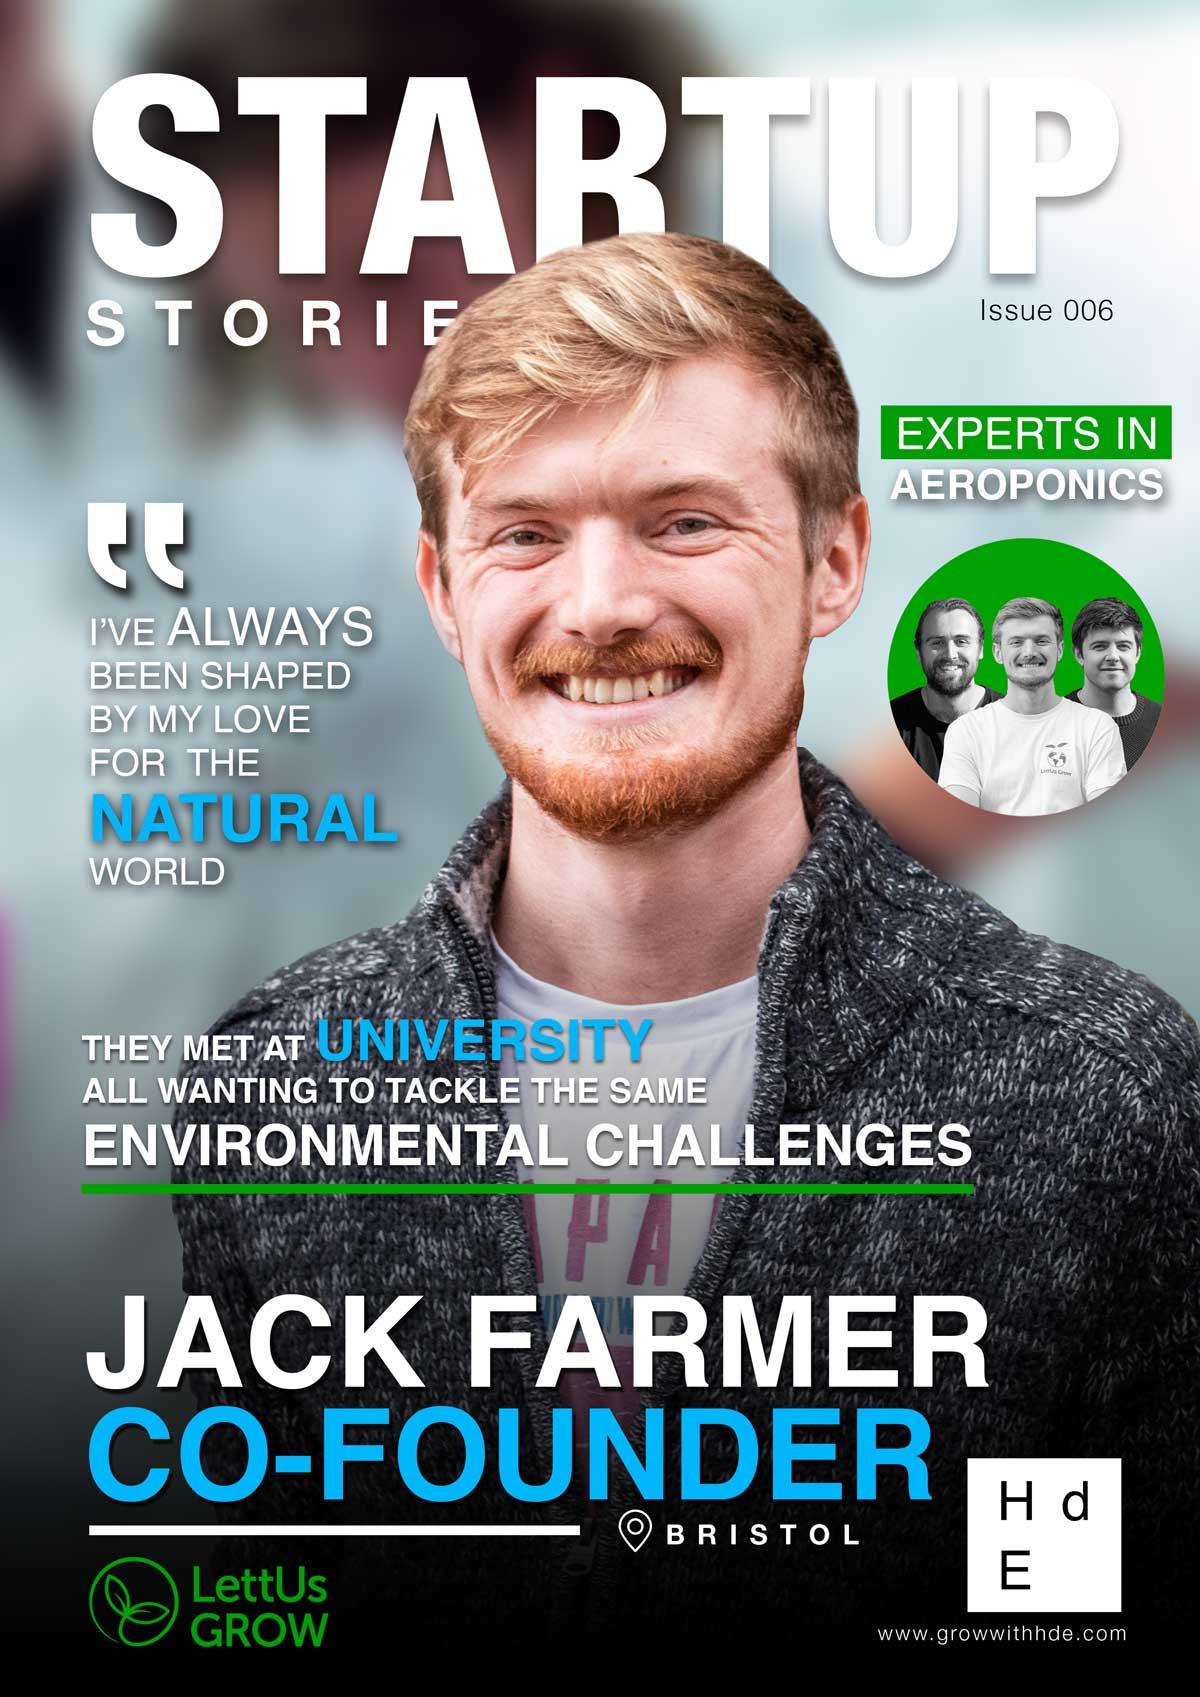 JACK FARMER - LETTUS GROW